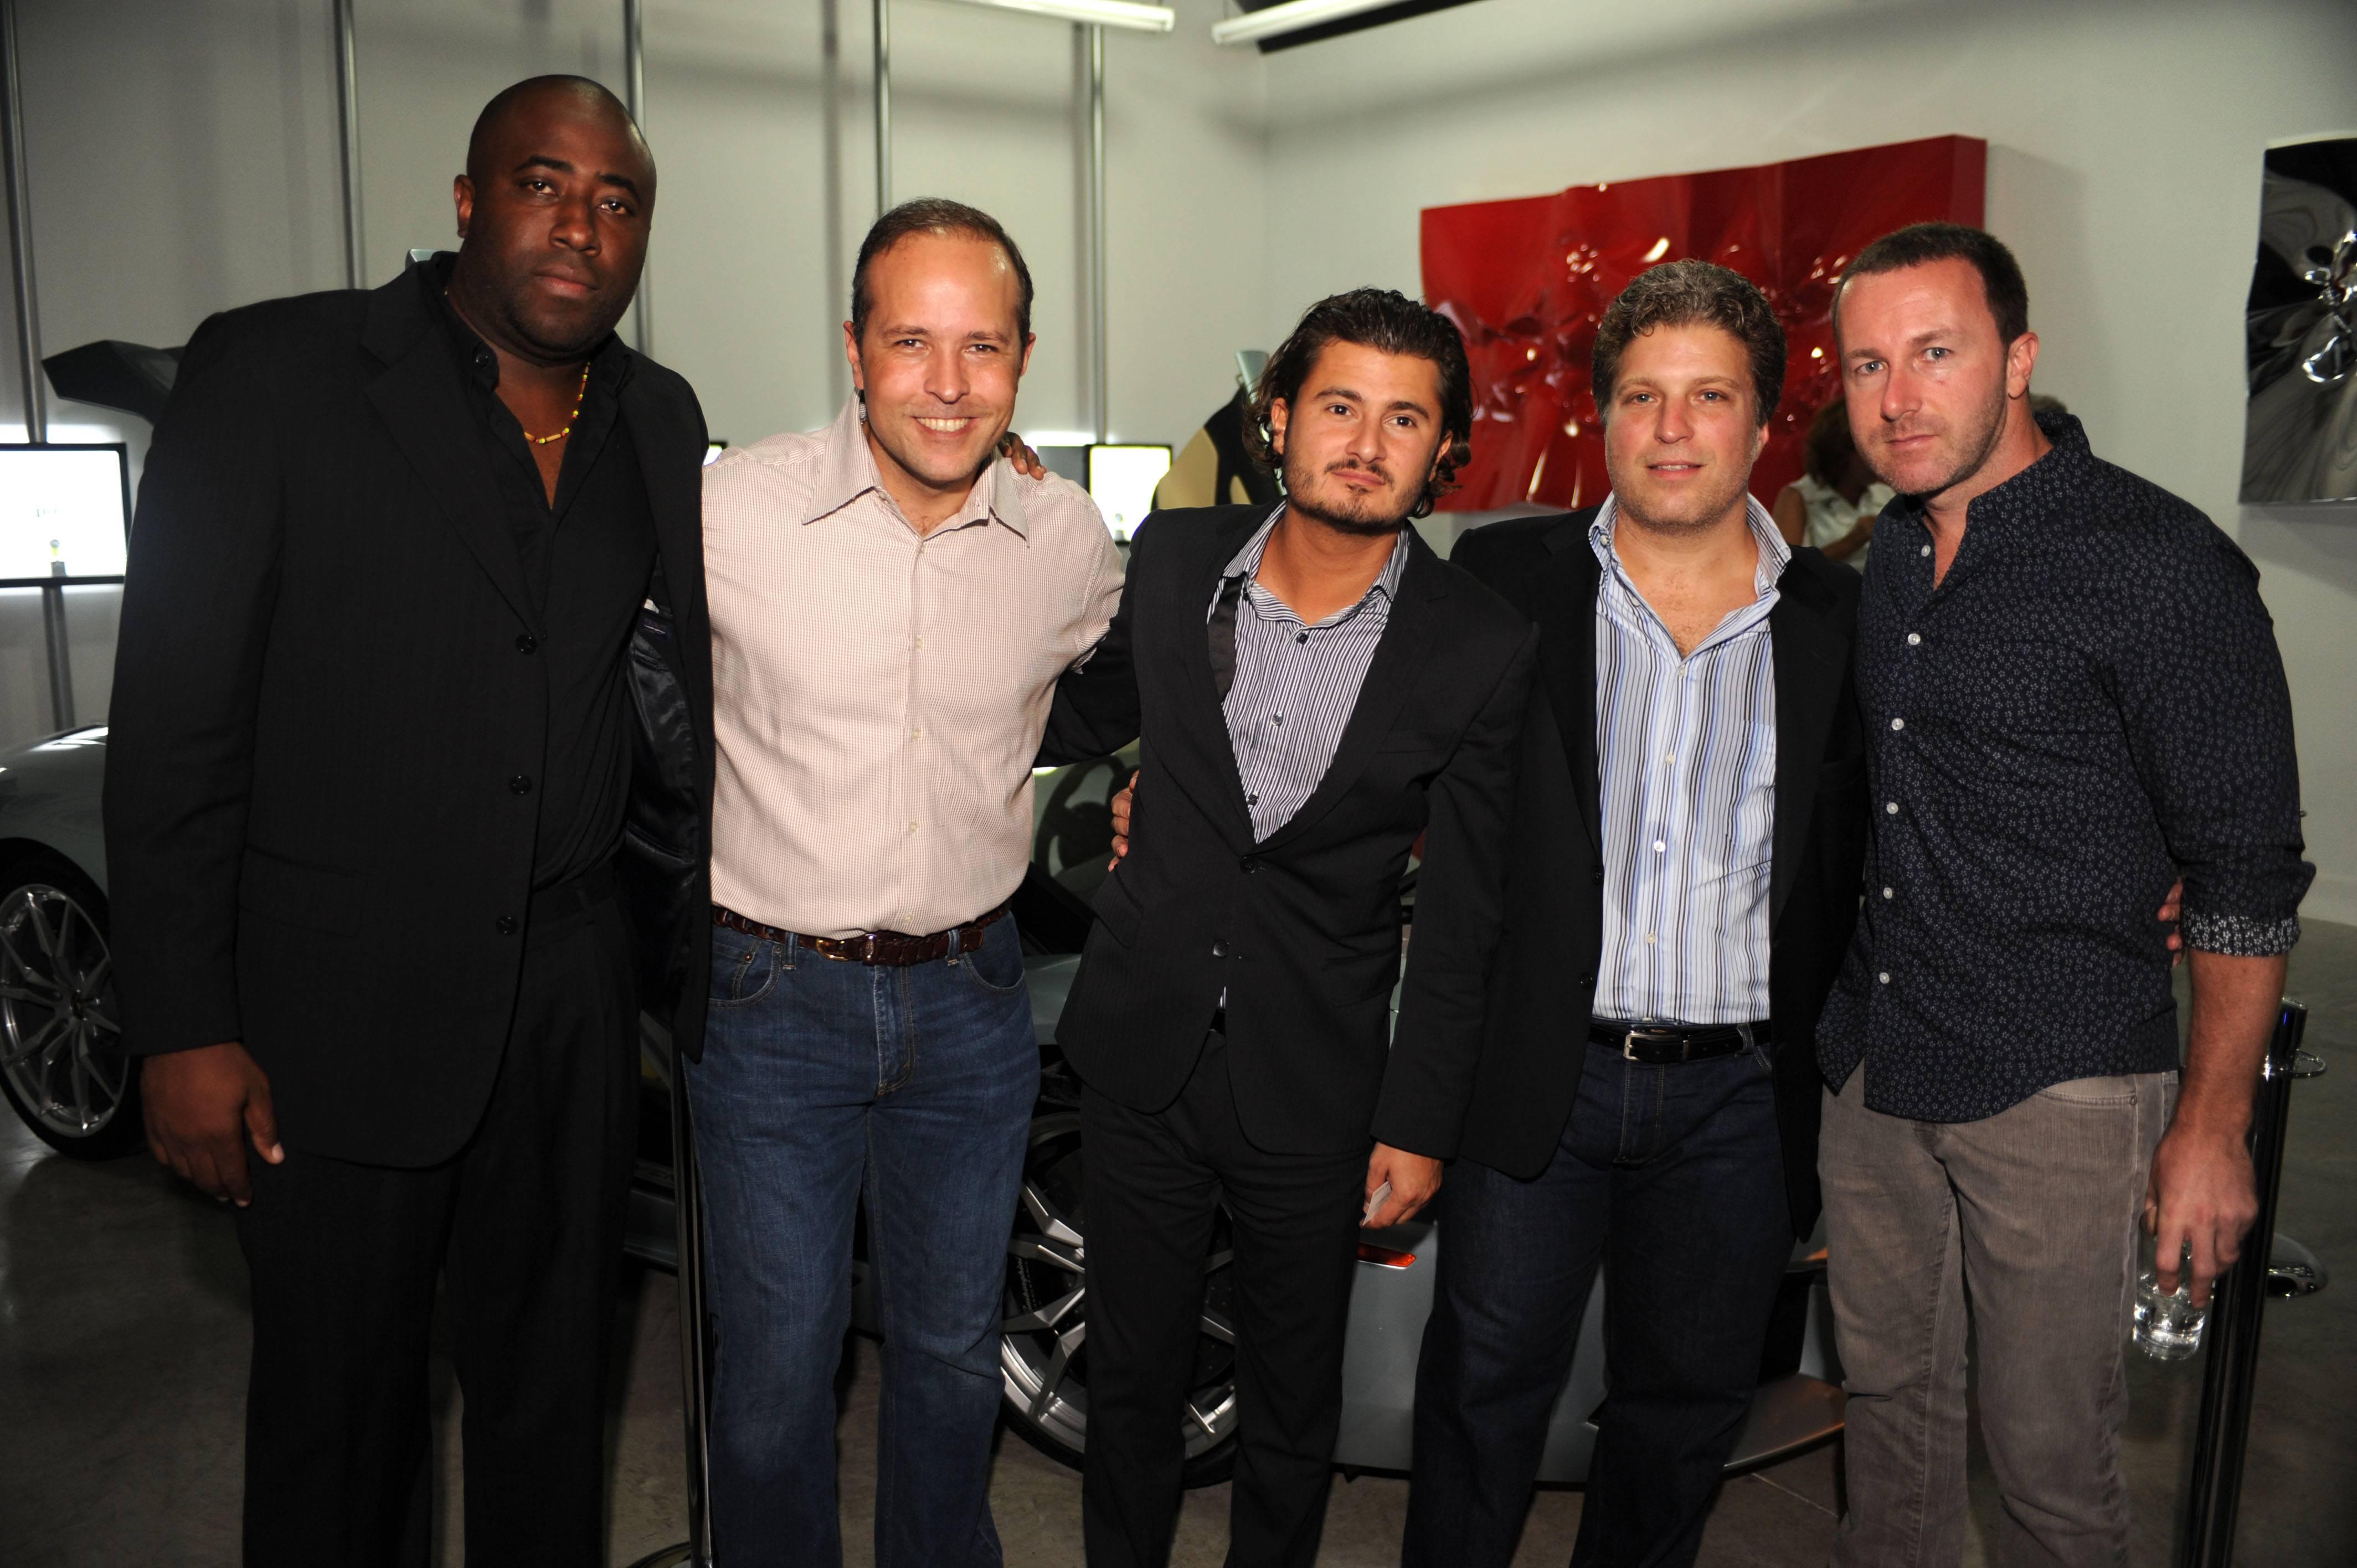 Lloyd Cox, Tomas Regalado, John Temerian, Joe Alcantara, & Jonathan Cox2